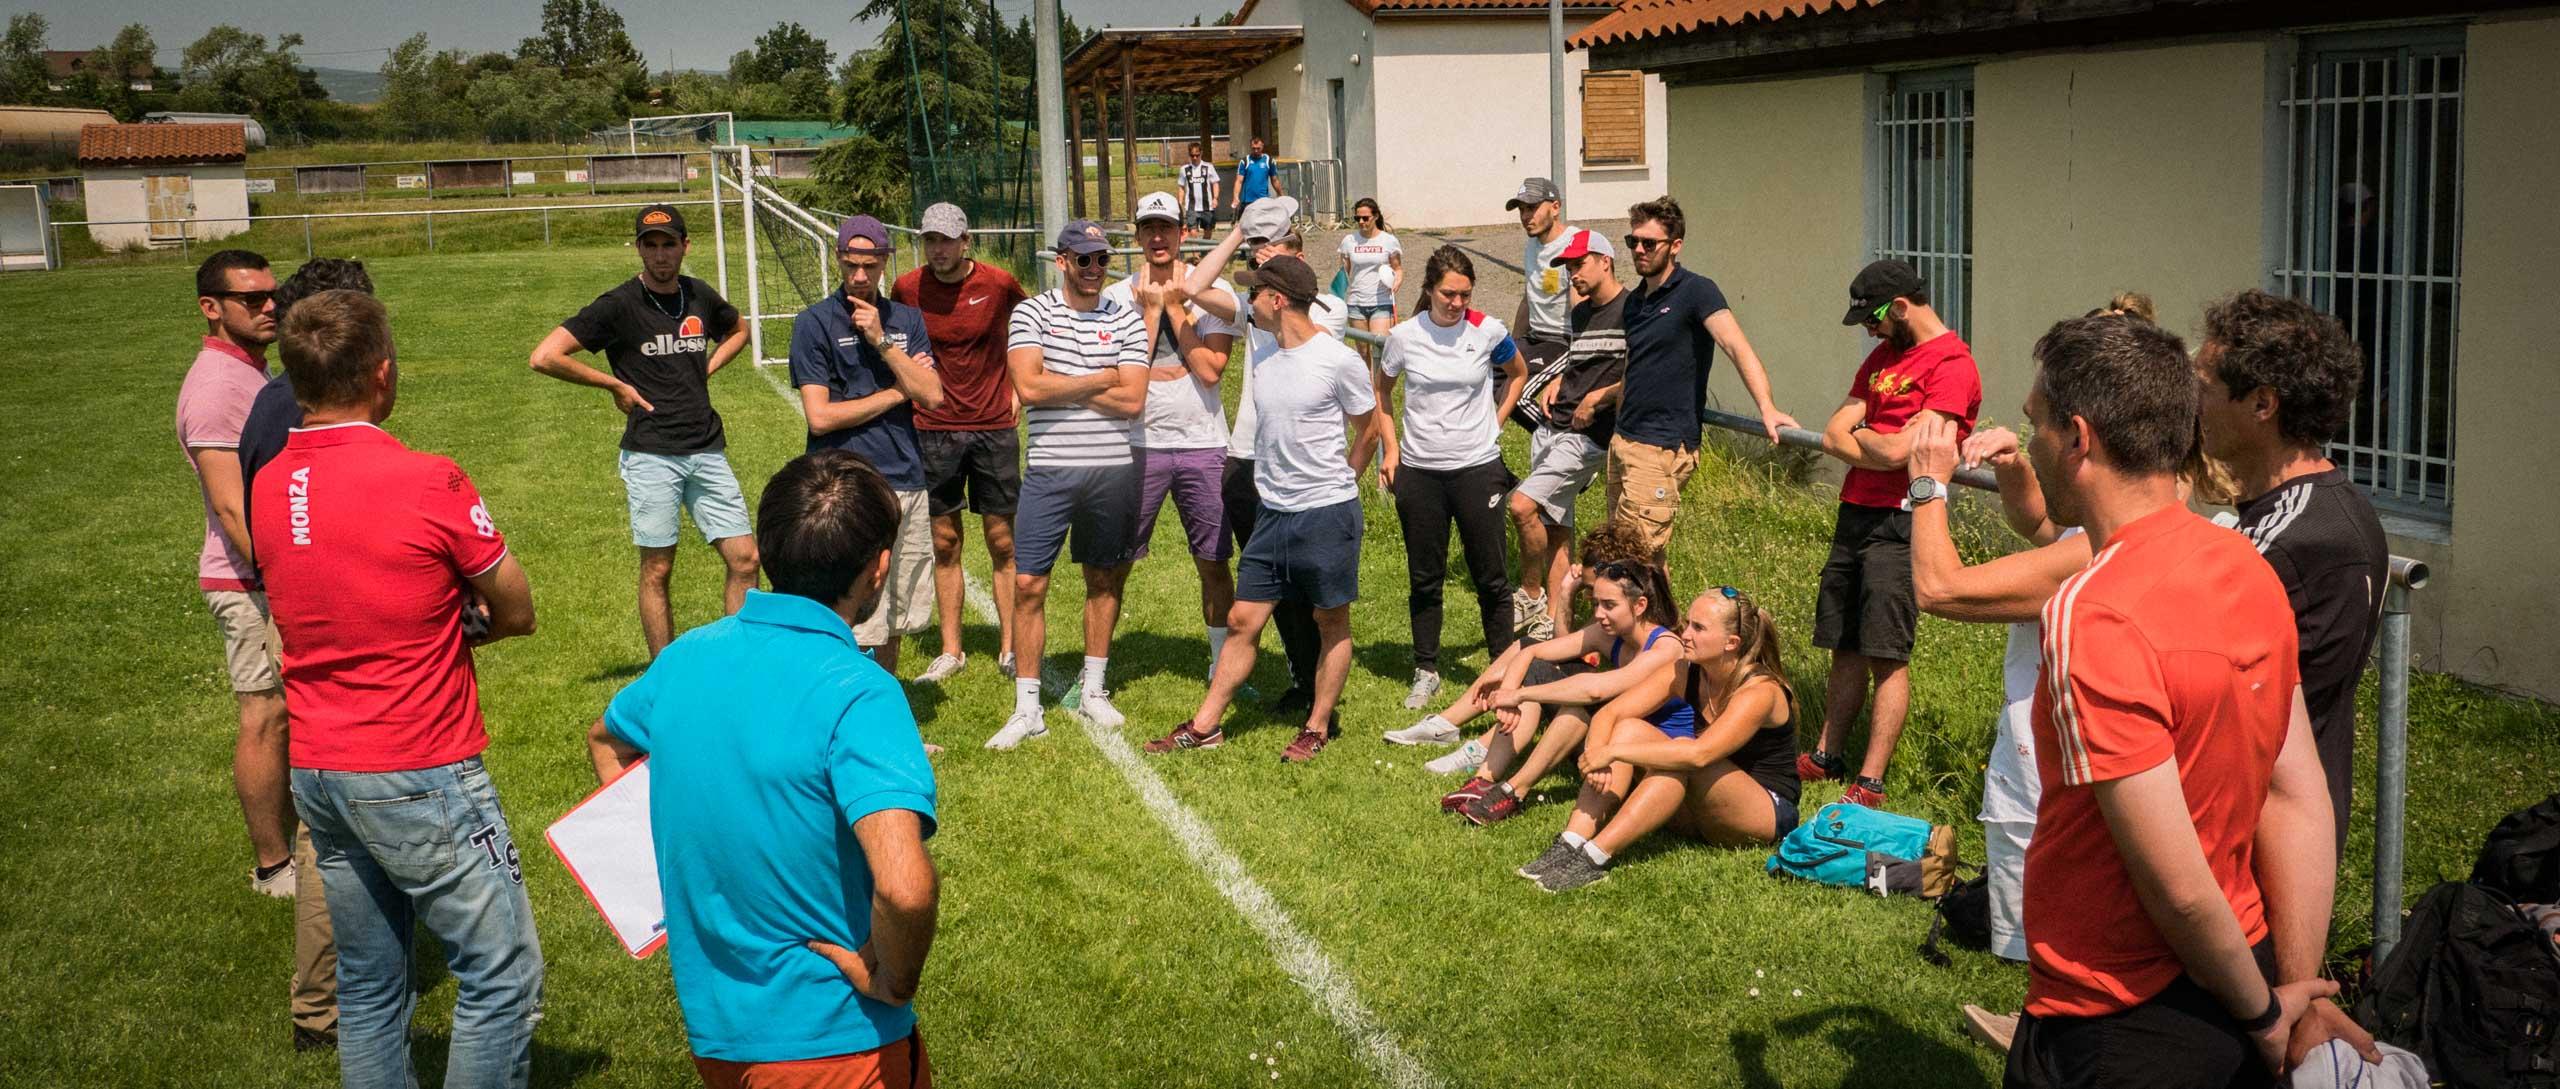 Staps 2019 Saint Romain Le Puy Superflu 15